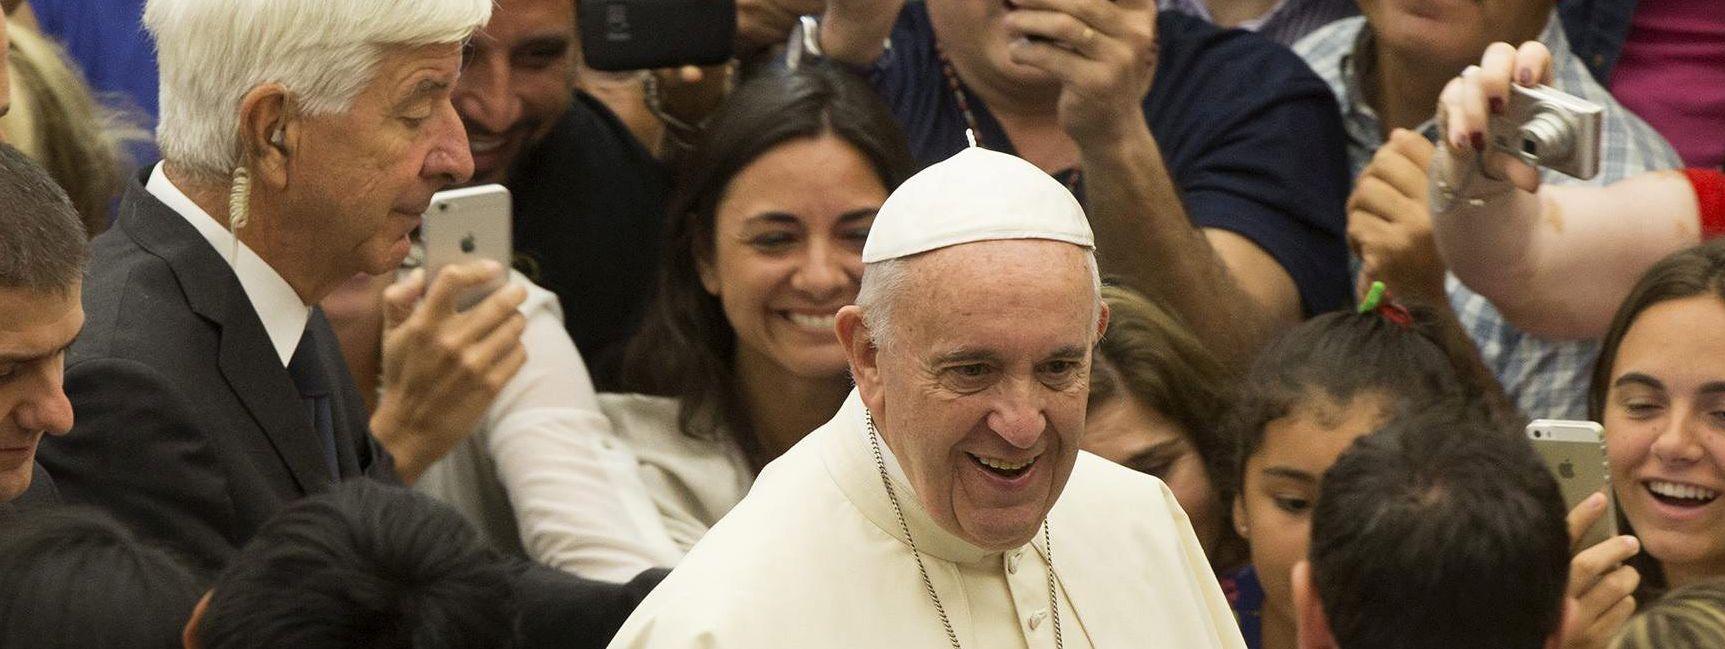 """Inicijativa """"Dobrodošli"""" od pape Franje traži da potakne hrvatske političare na miroljubivo djelovanje prema izbjeglicama"""